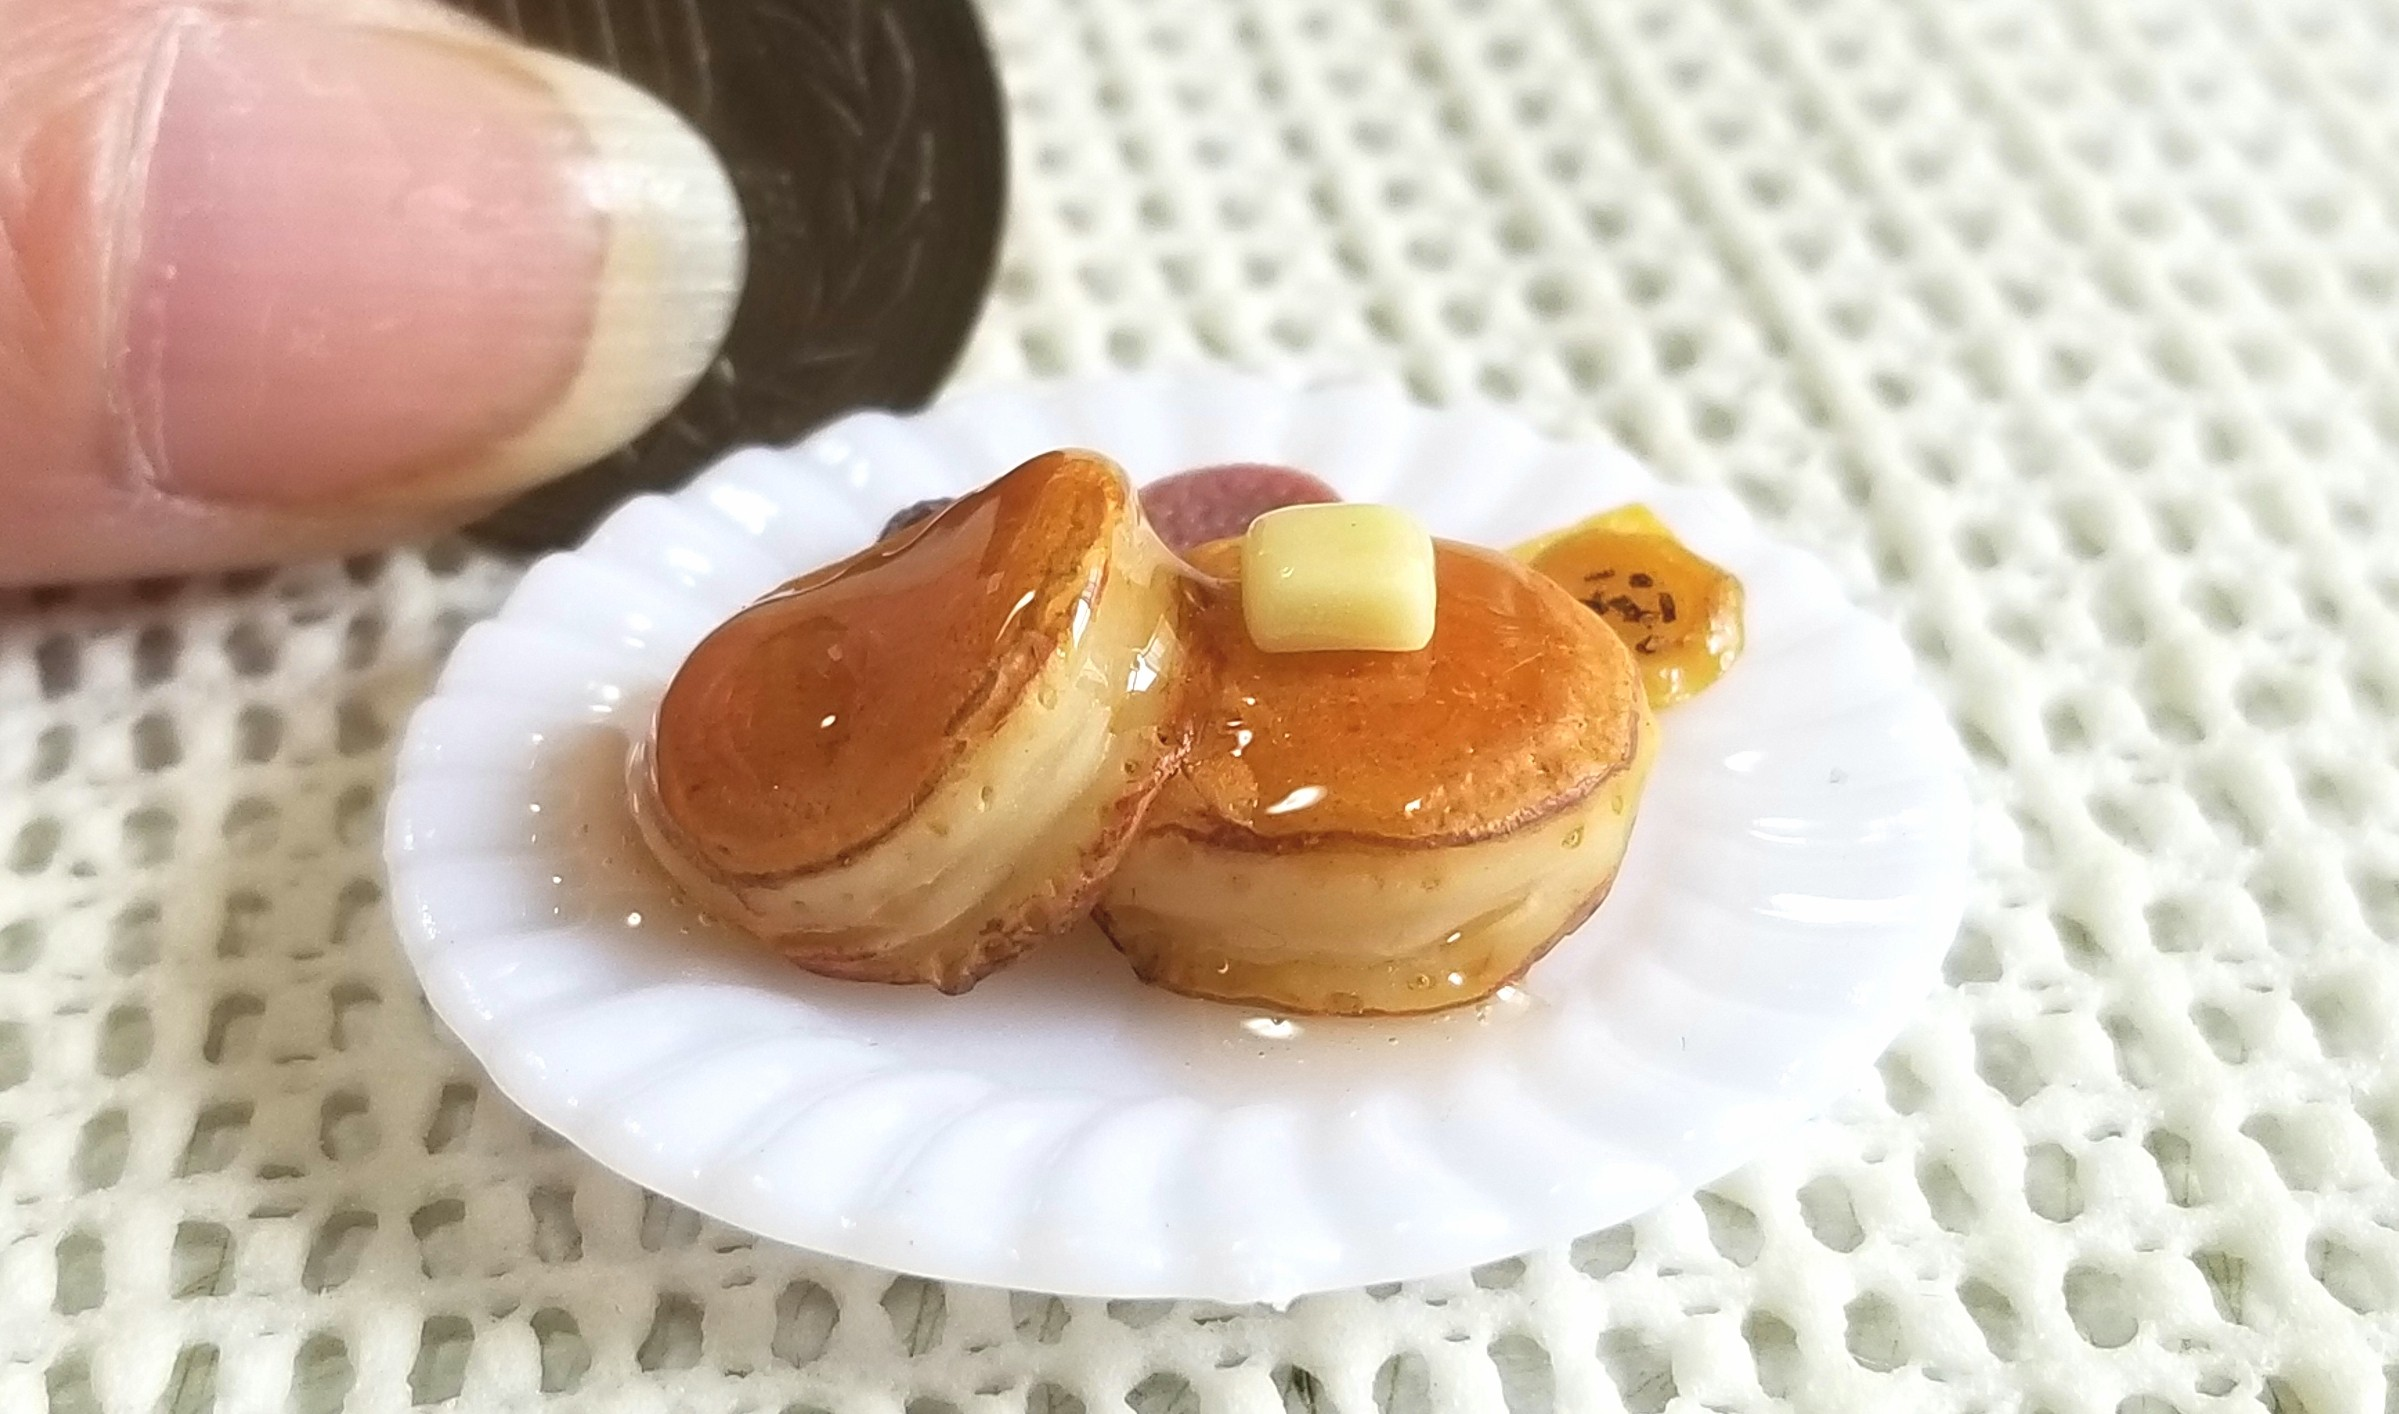 ホットケーキ,ミニチュアフード,パンケーキ,樹脂粘土,食品サンプル